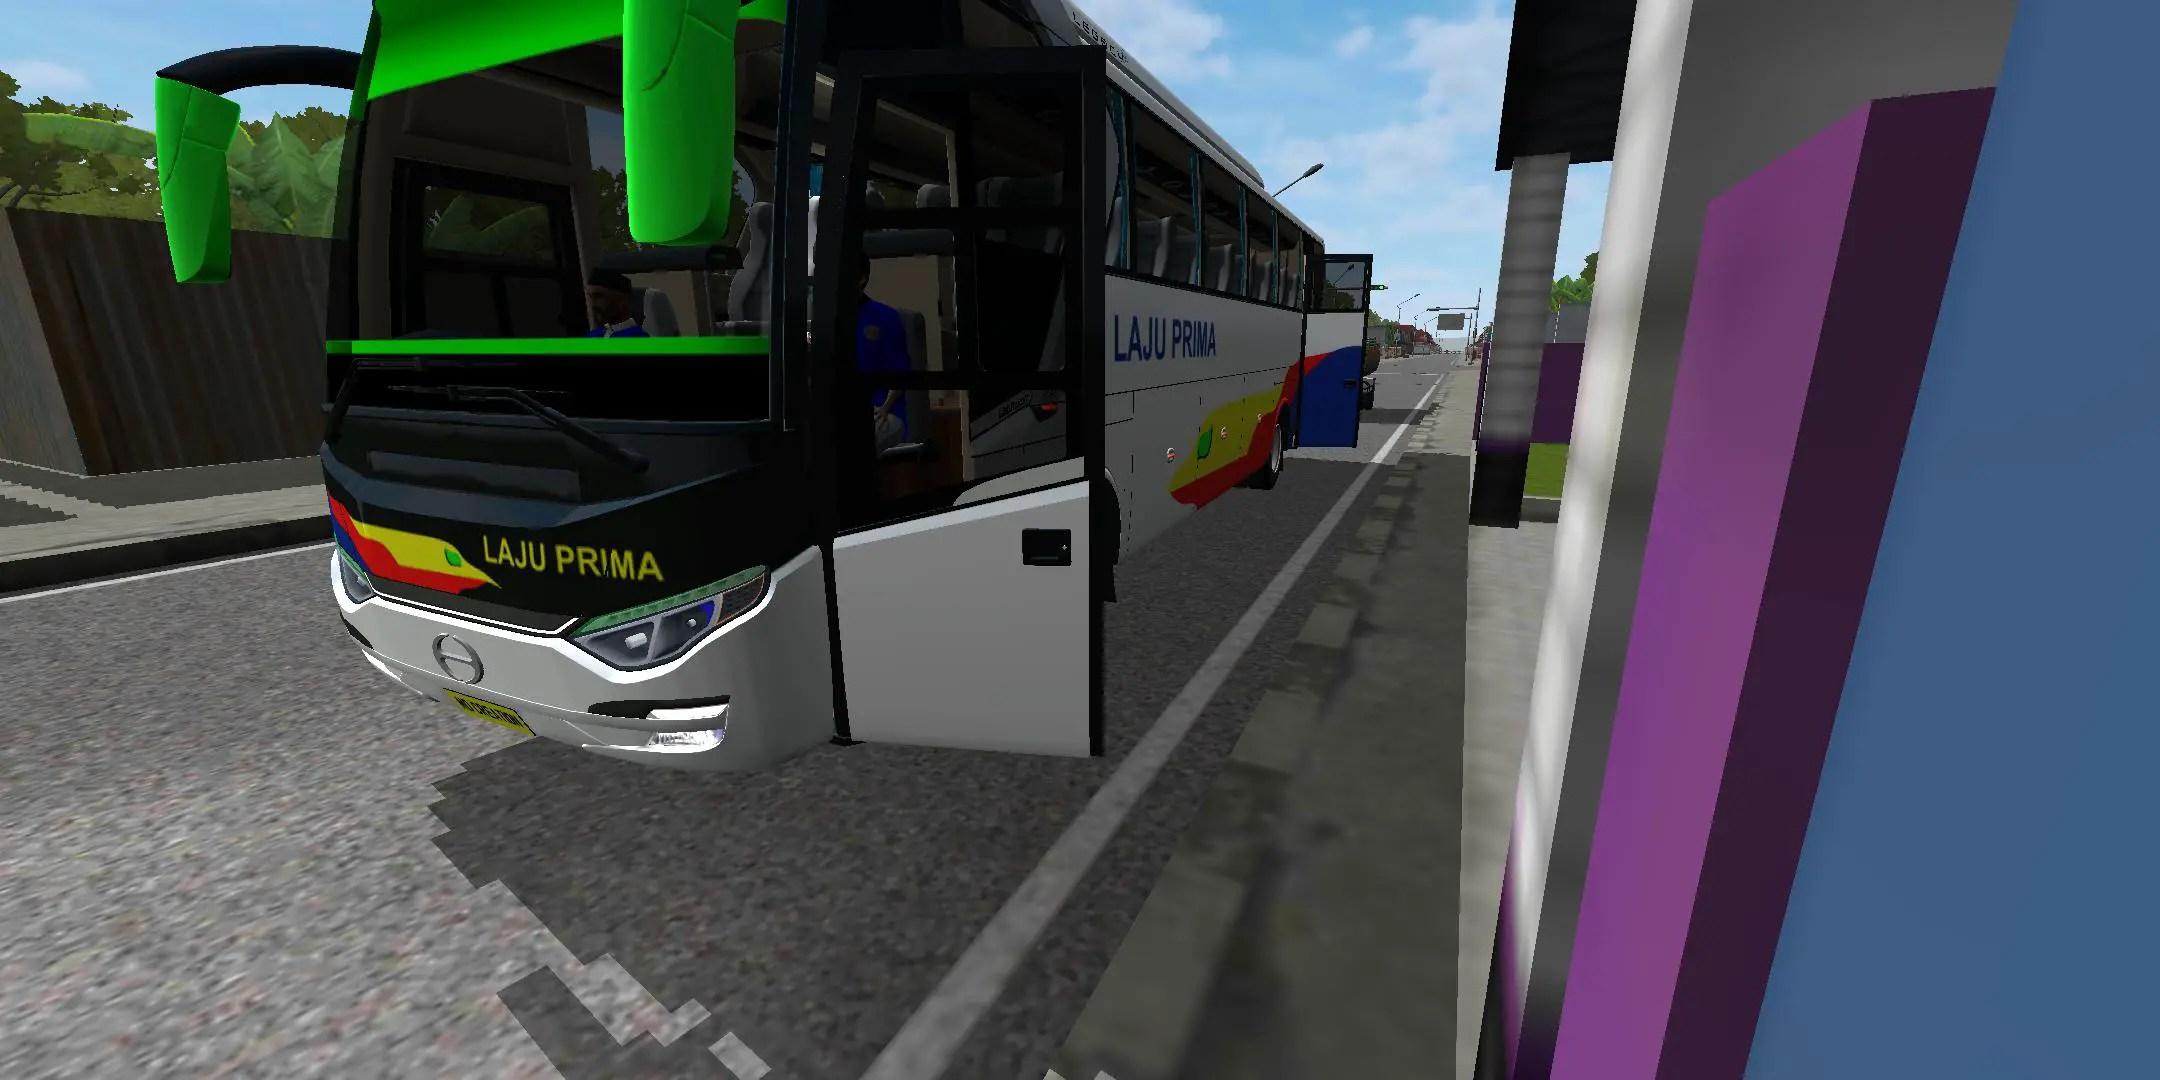 Download SR1 Bus Mod for Bus Simulator Indonesia, , Bus Mod, Bus Simulator Indonesia Mod, BUSSID mod, Gaming News, Gaming Update, Mod for BUSSID, SGCArena, SR1 Bus Mod, Vehicle Mod